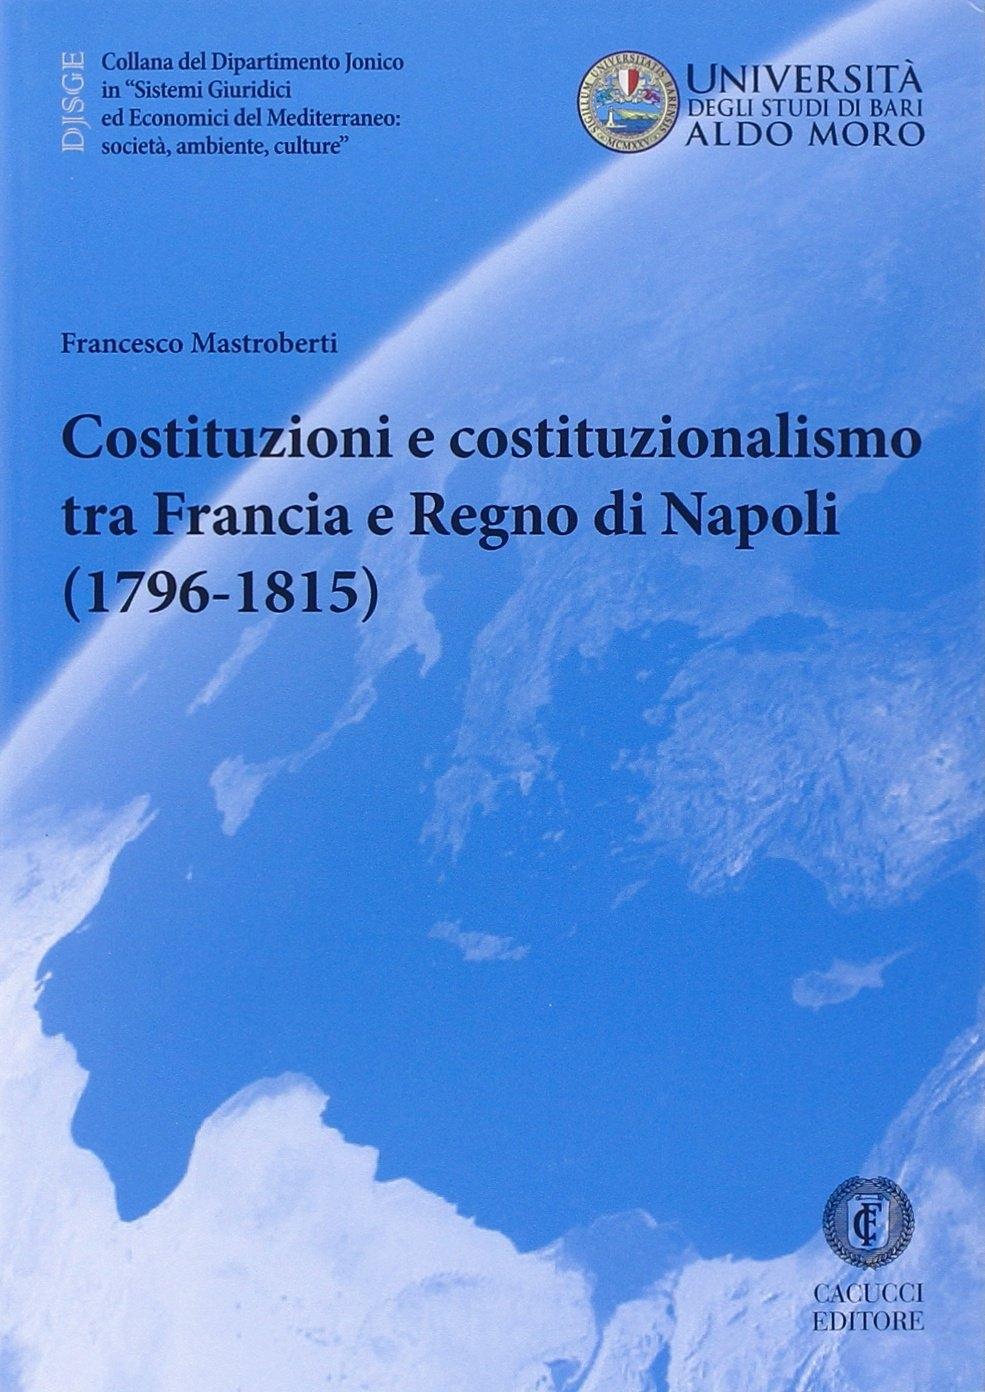 Costituzioni e Costituzionalismo tra Francia e Regno di Napoli (1796-1815).